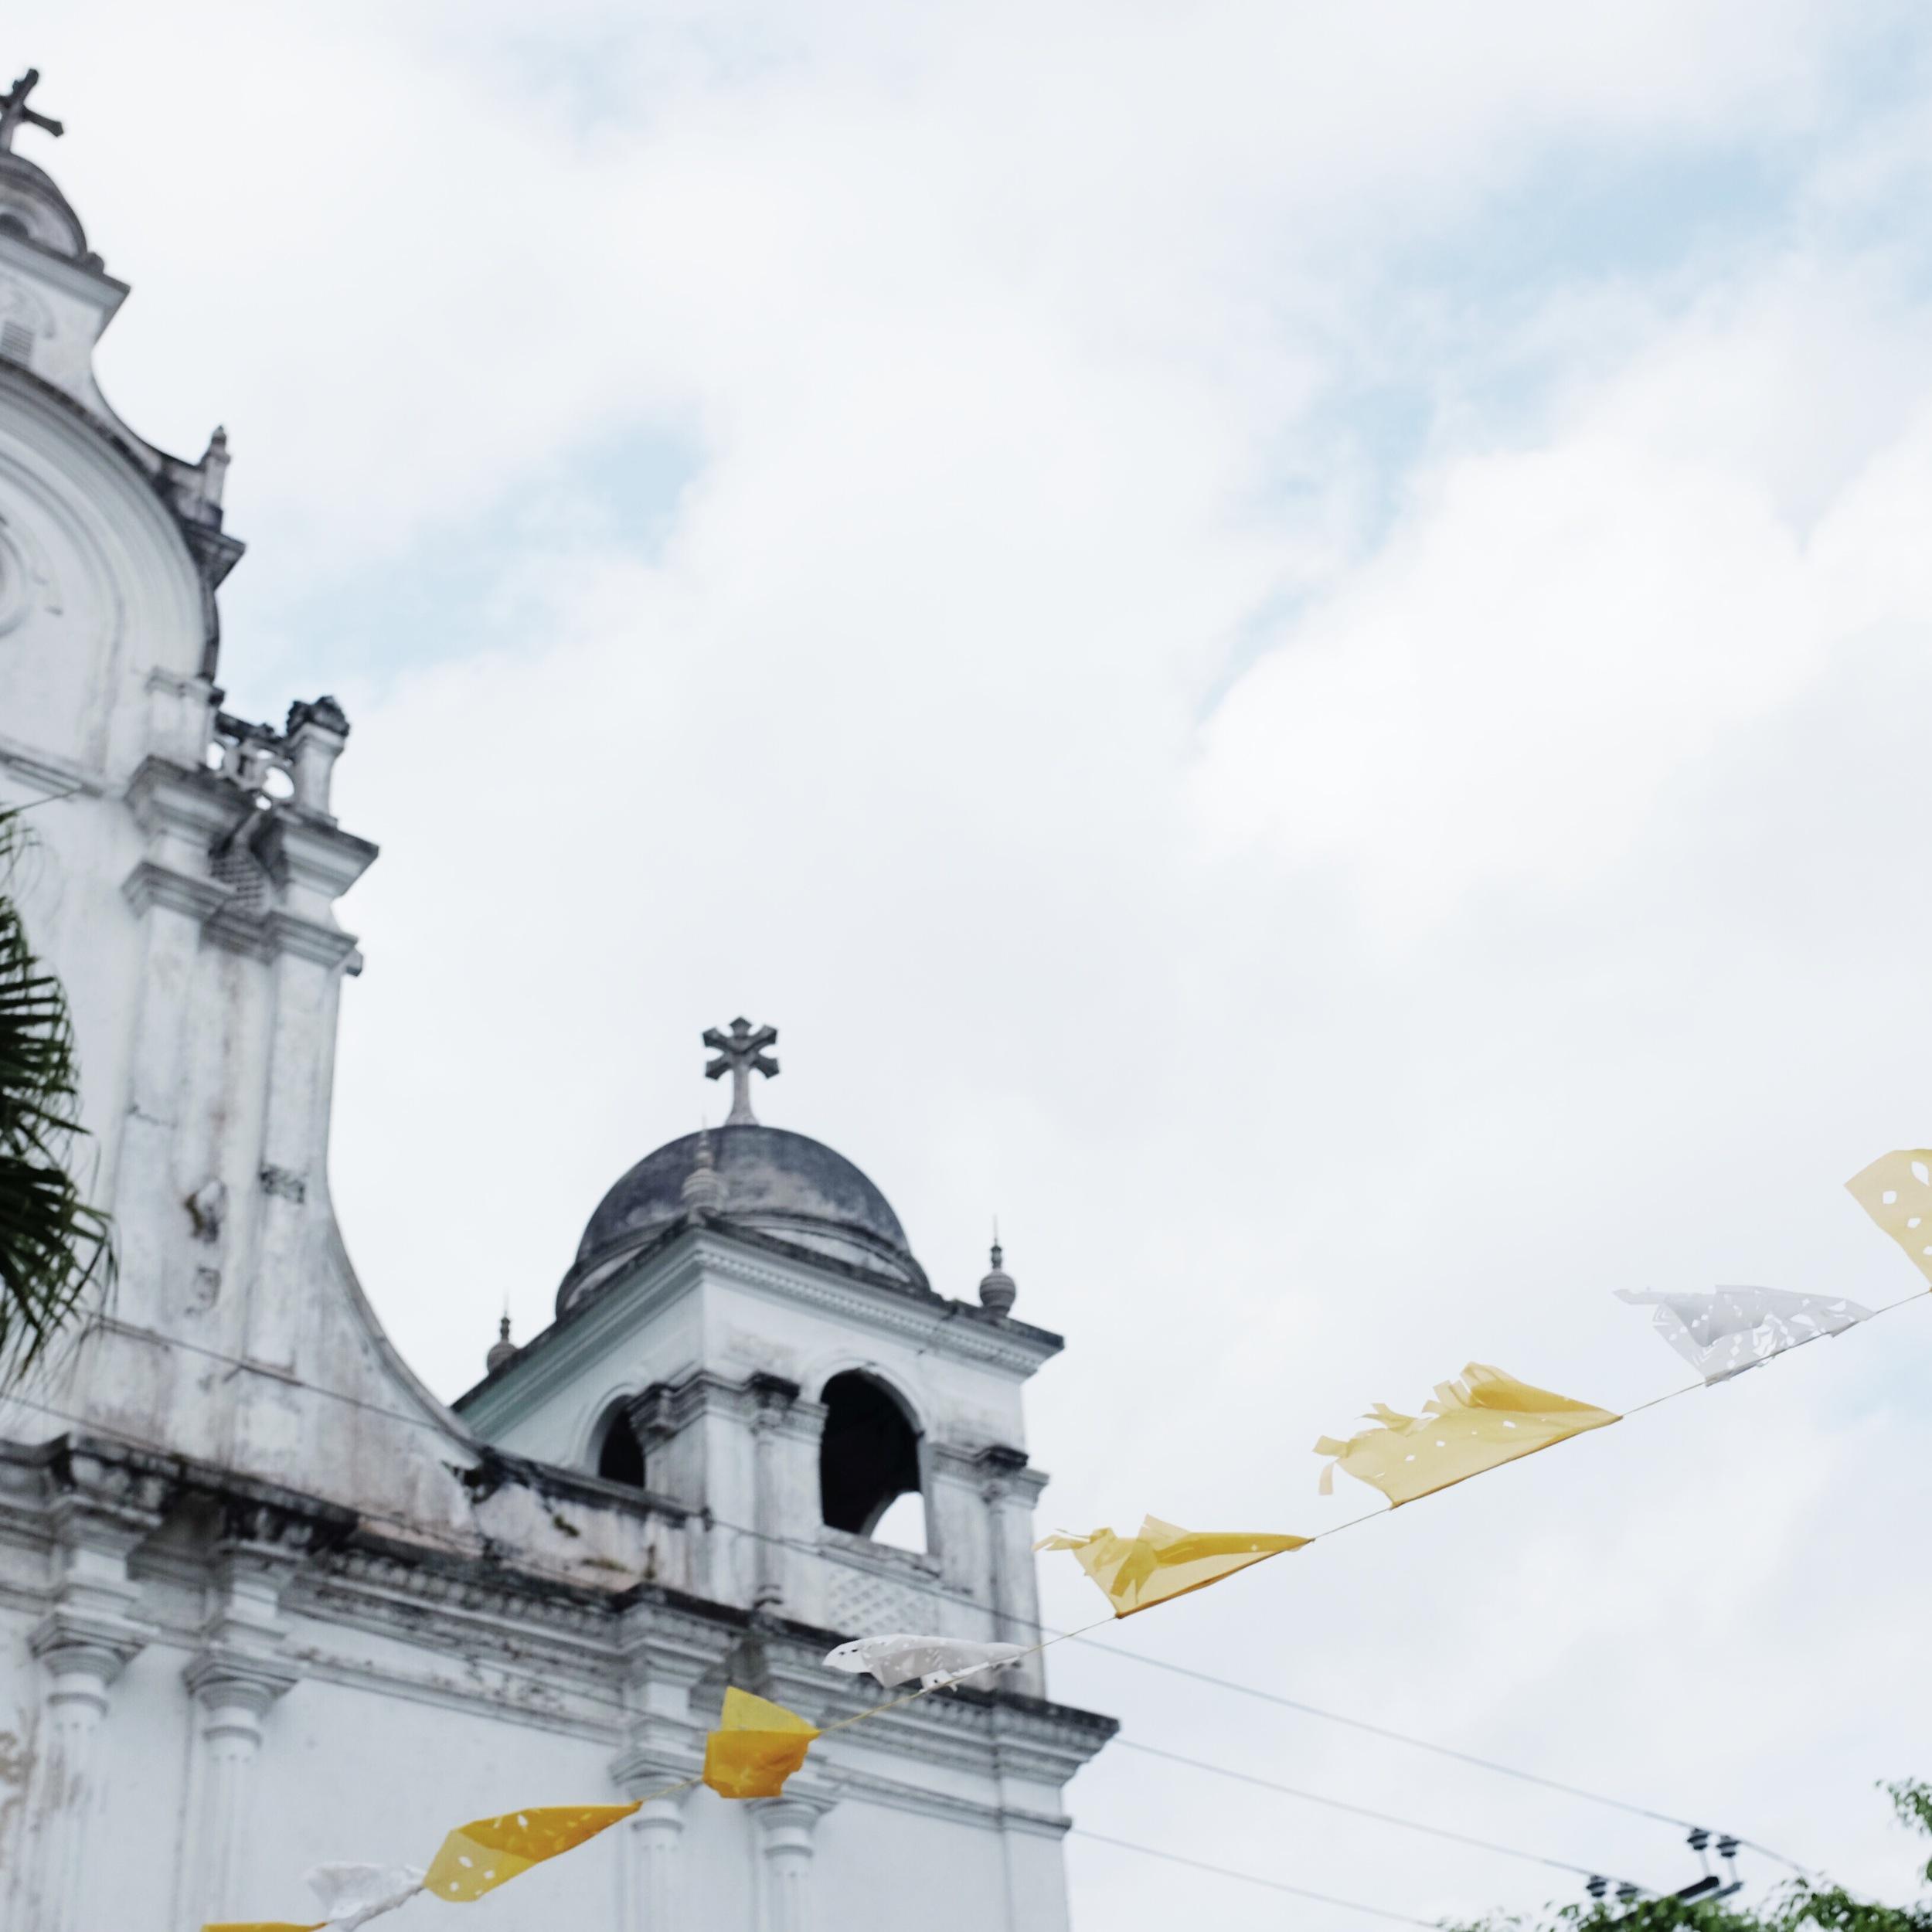 The main church of Izalco.